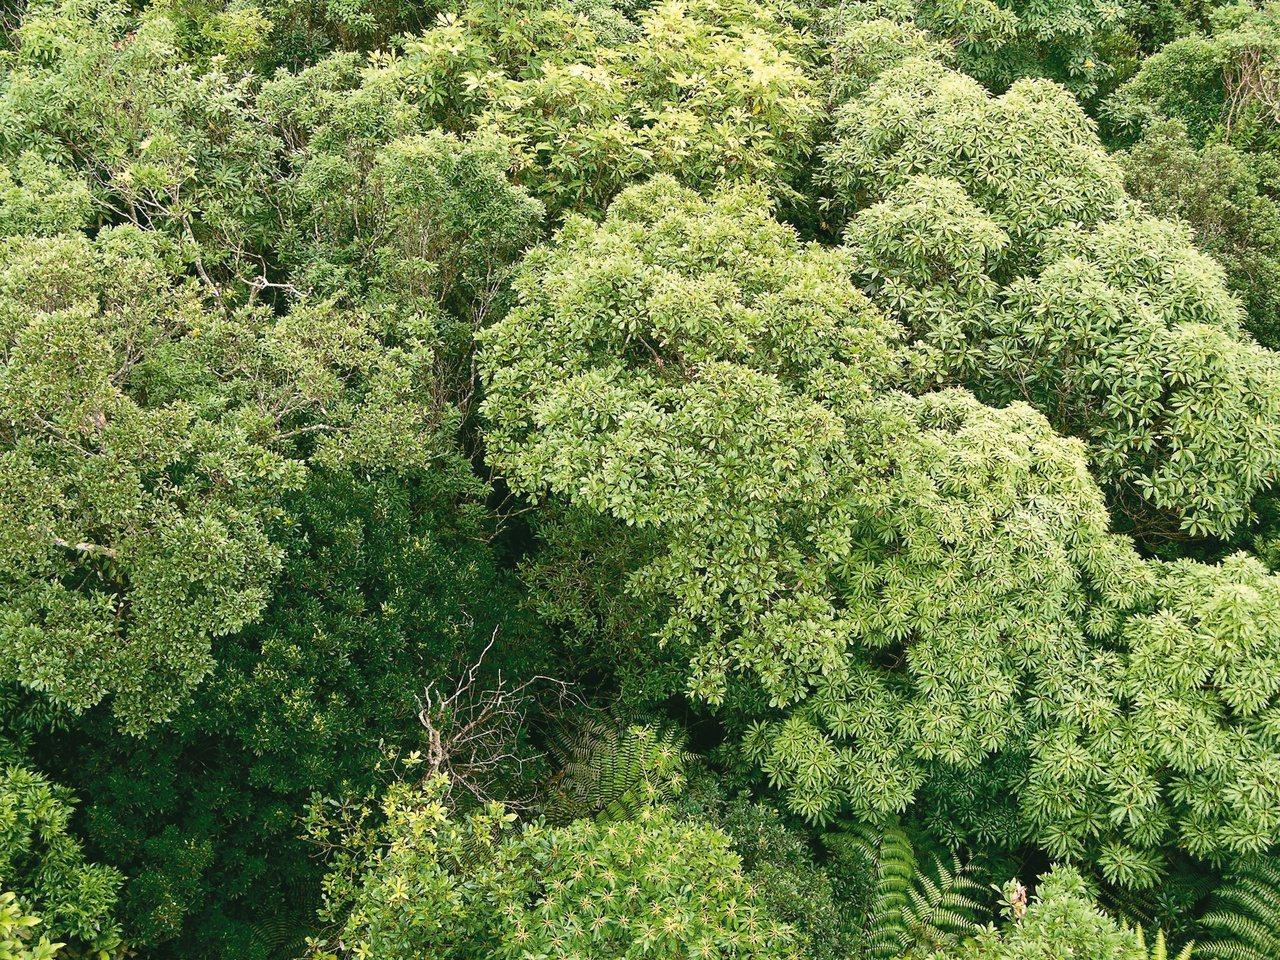 從森林高處俯瞰樹冠層的景觀。 攝影/董景生